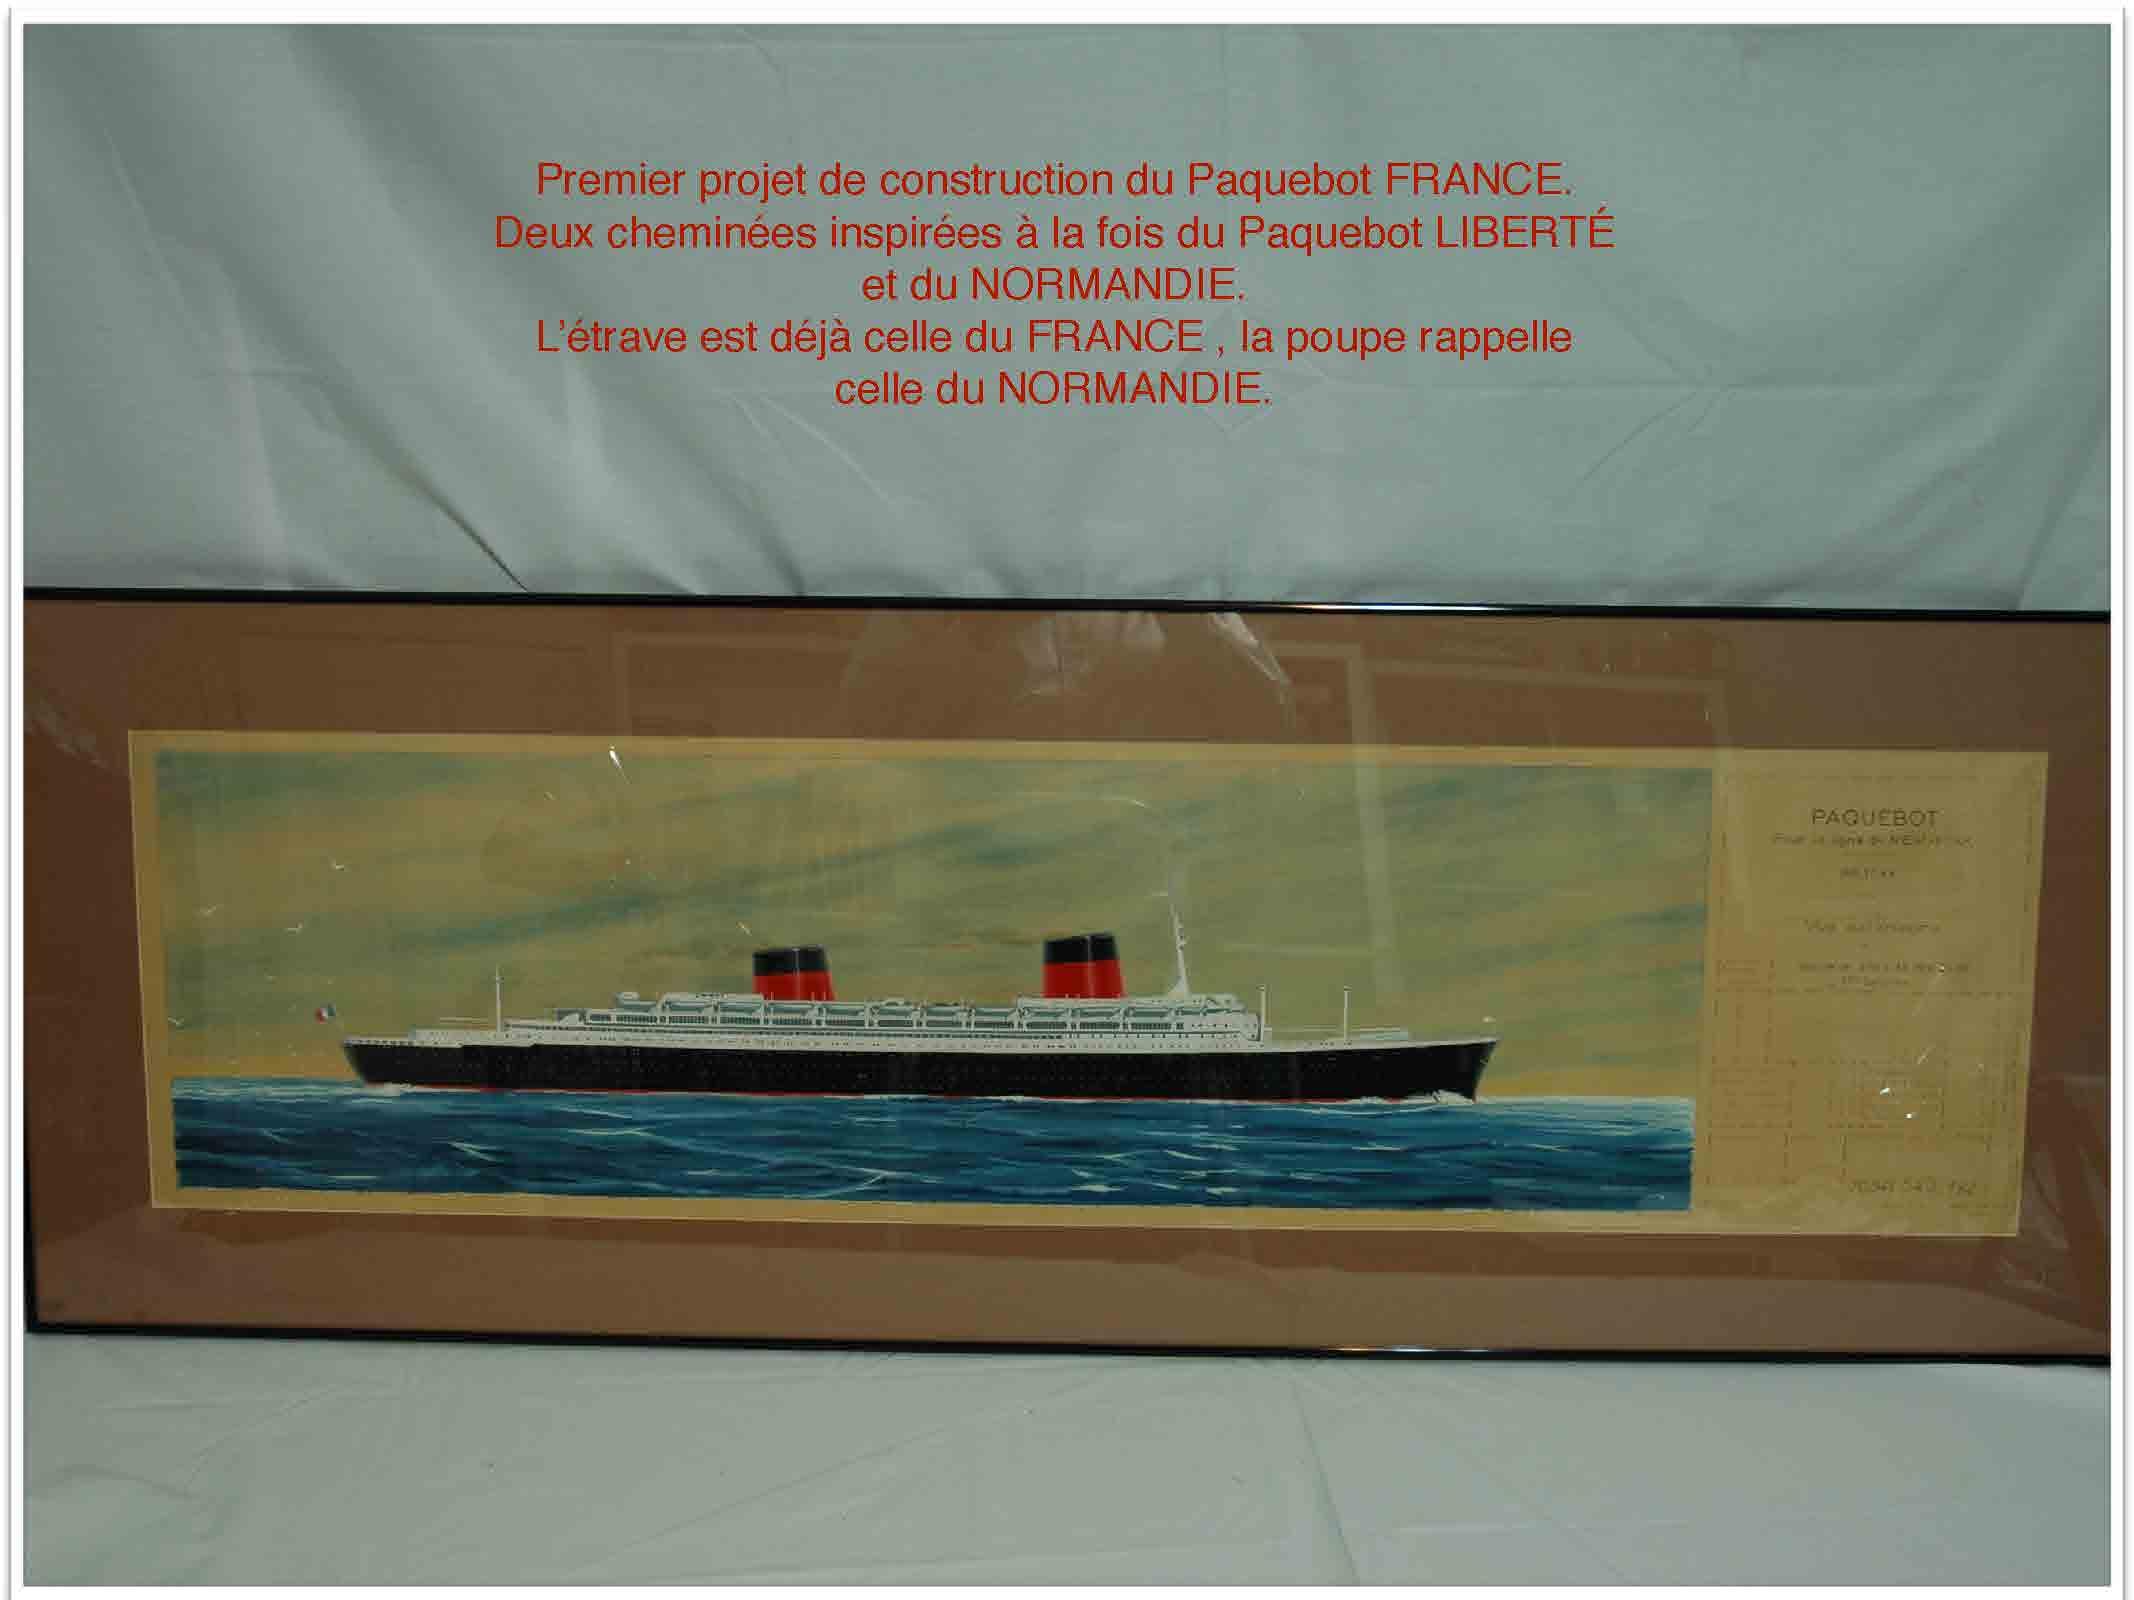 PAQUEBOT DE LEGENDE- SS FRANCE _Page_03